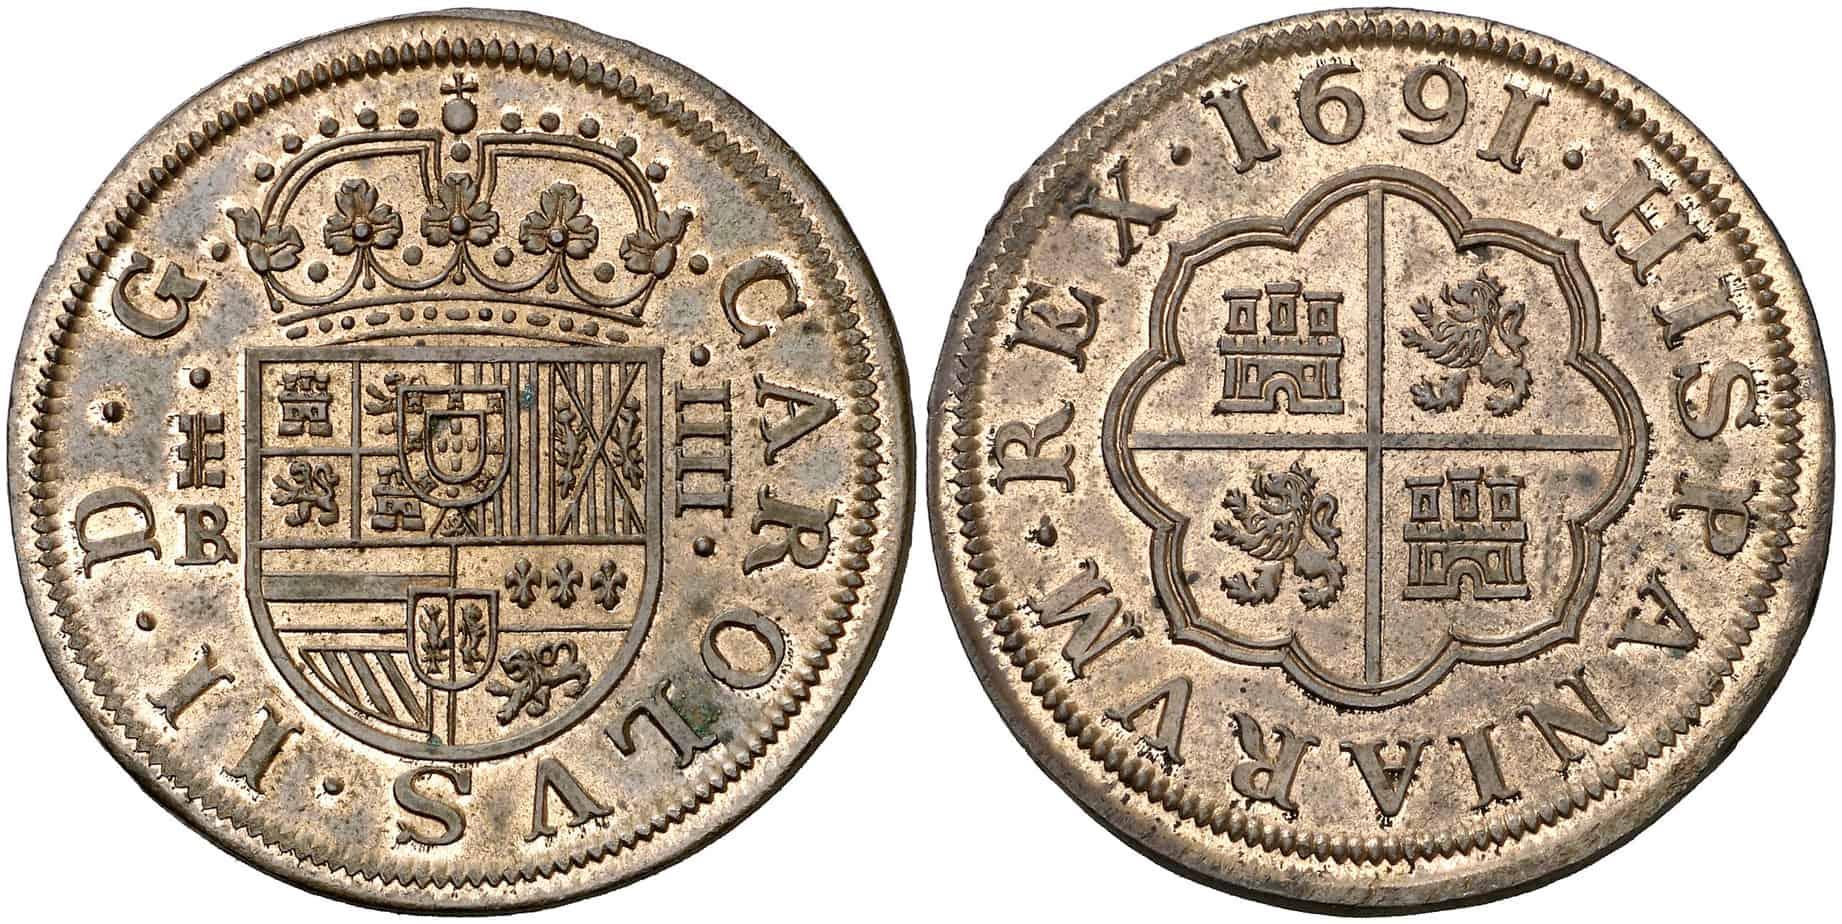 Prueba de la Escuela de Grabadores: 4 reales 1691